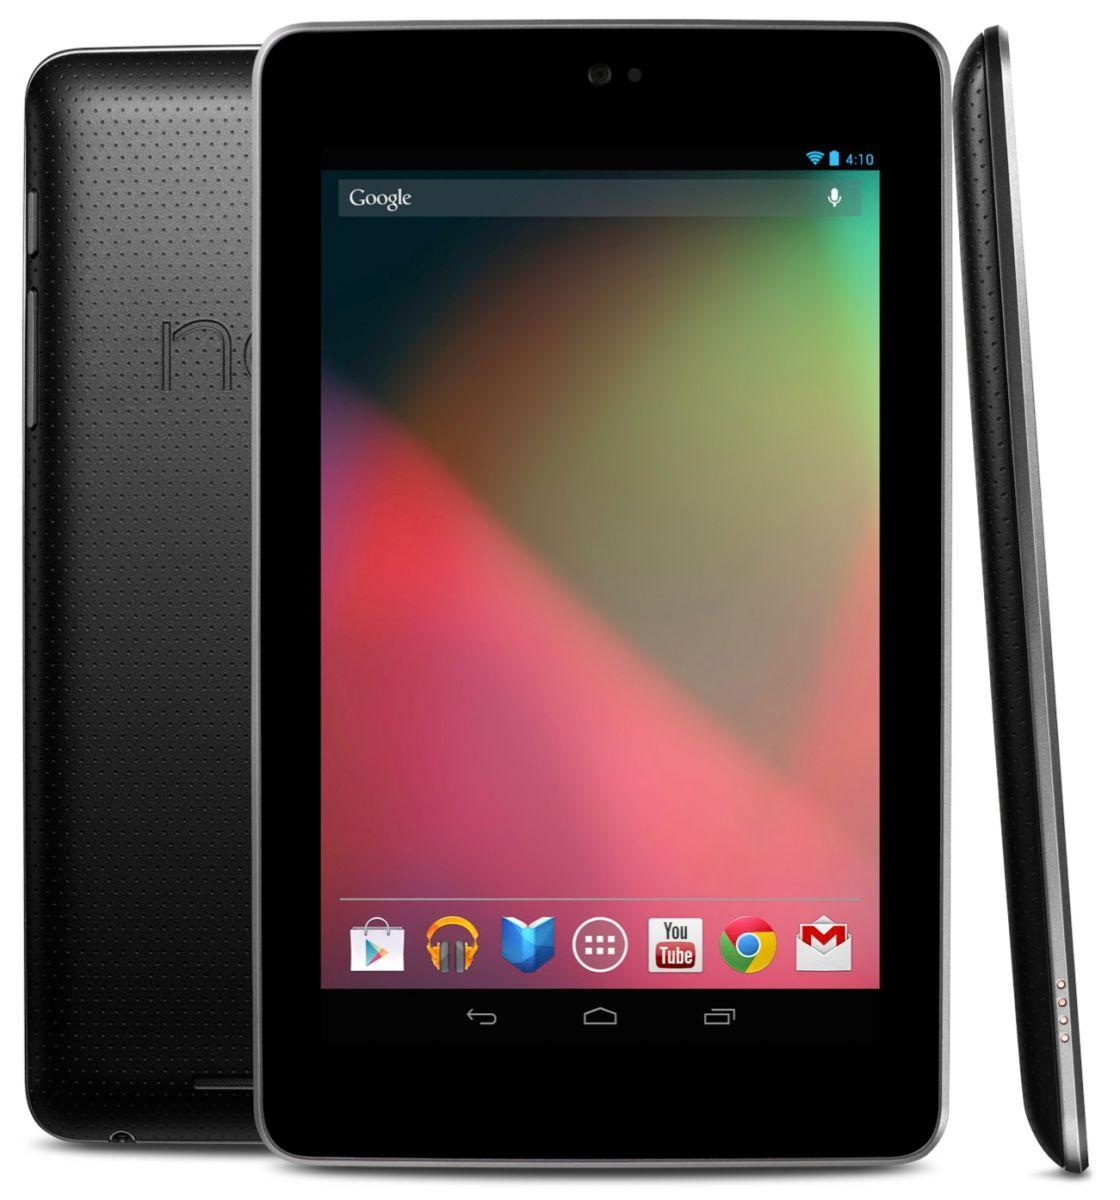 Smartphones tips and tricks: 40 Google Nexus 7 Tablet Tips ...